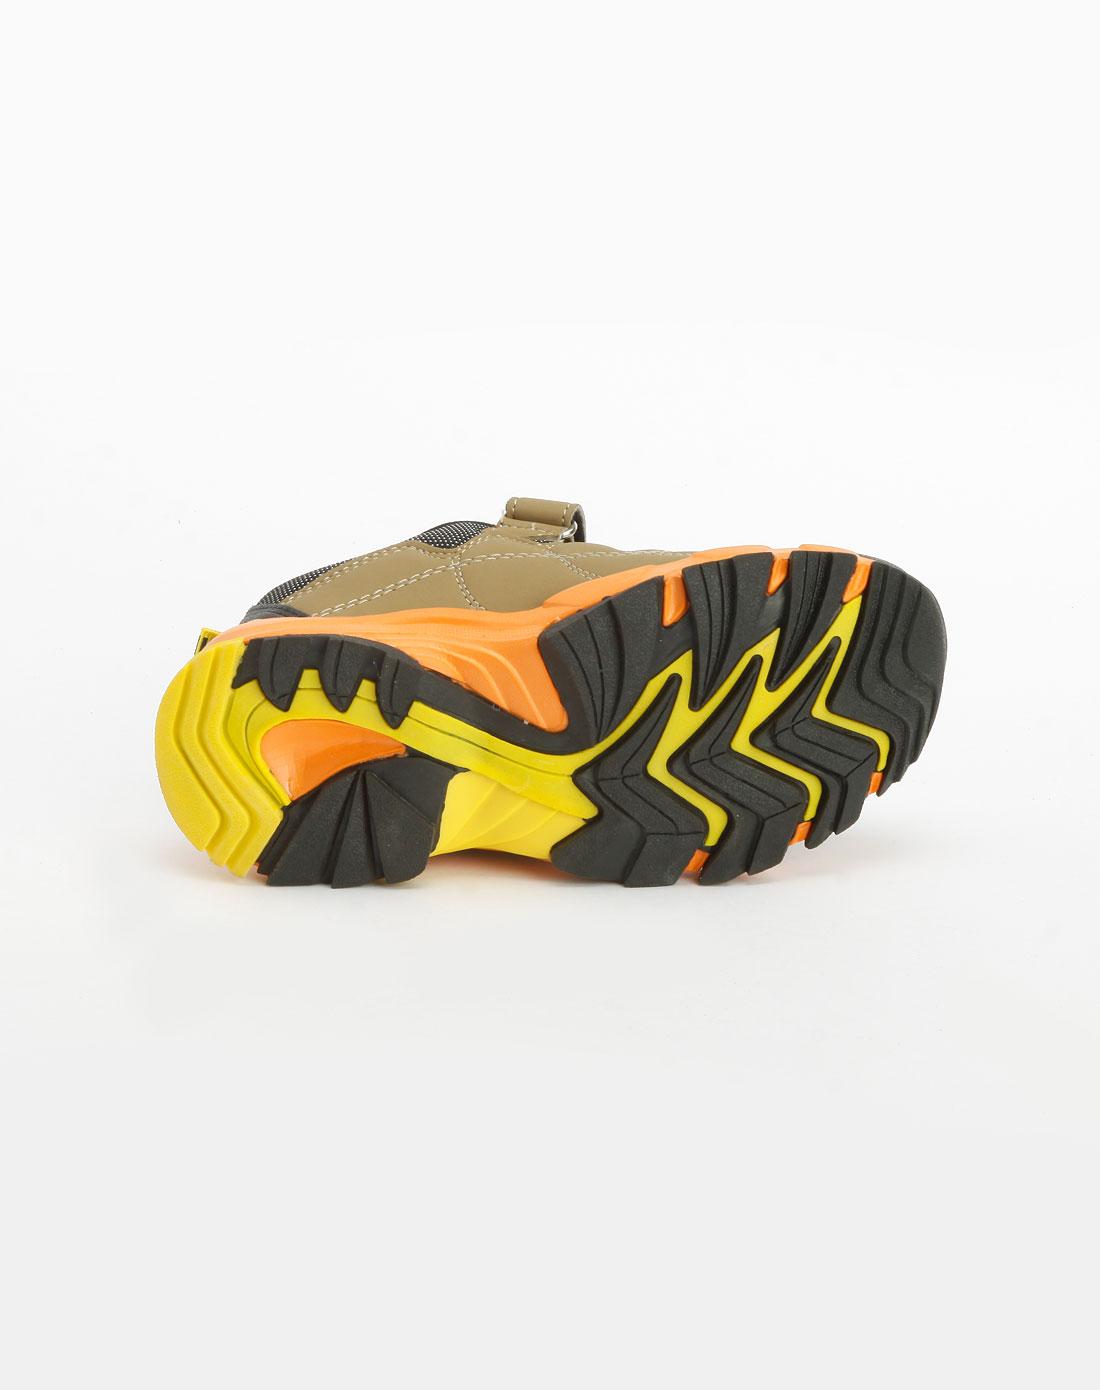 哈利波特harrypotter男女童鞋男款驼/橙色运动鞋hp-b